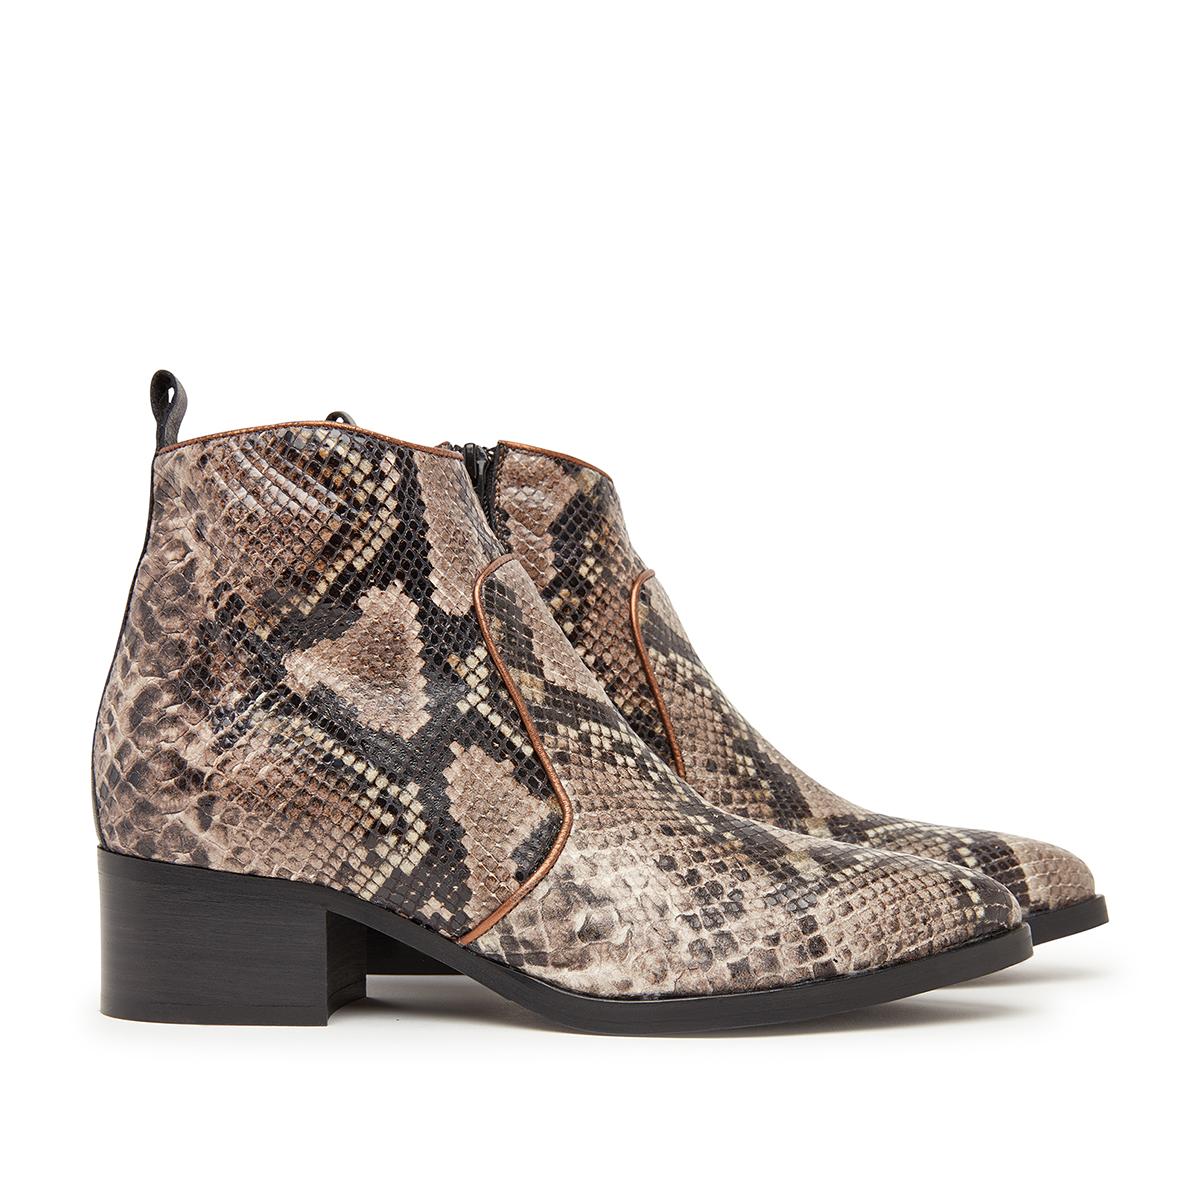 d9c0fa46683 Støvler   Køb lækre støvler til kvinder online her - Rikke Solberg